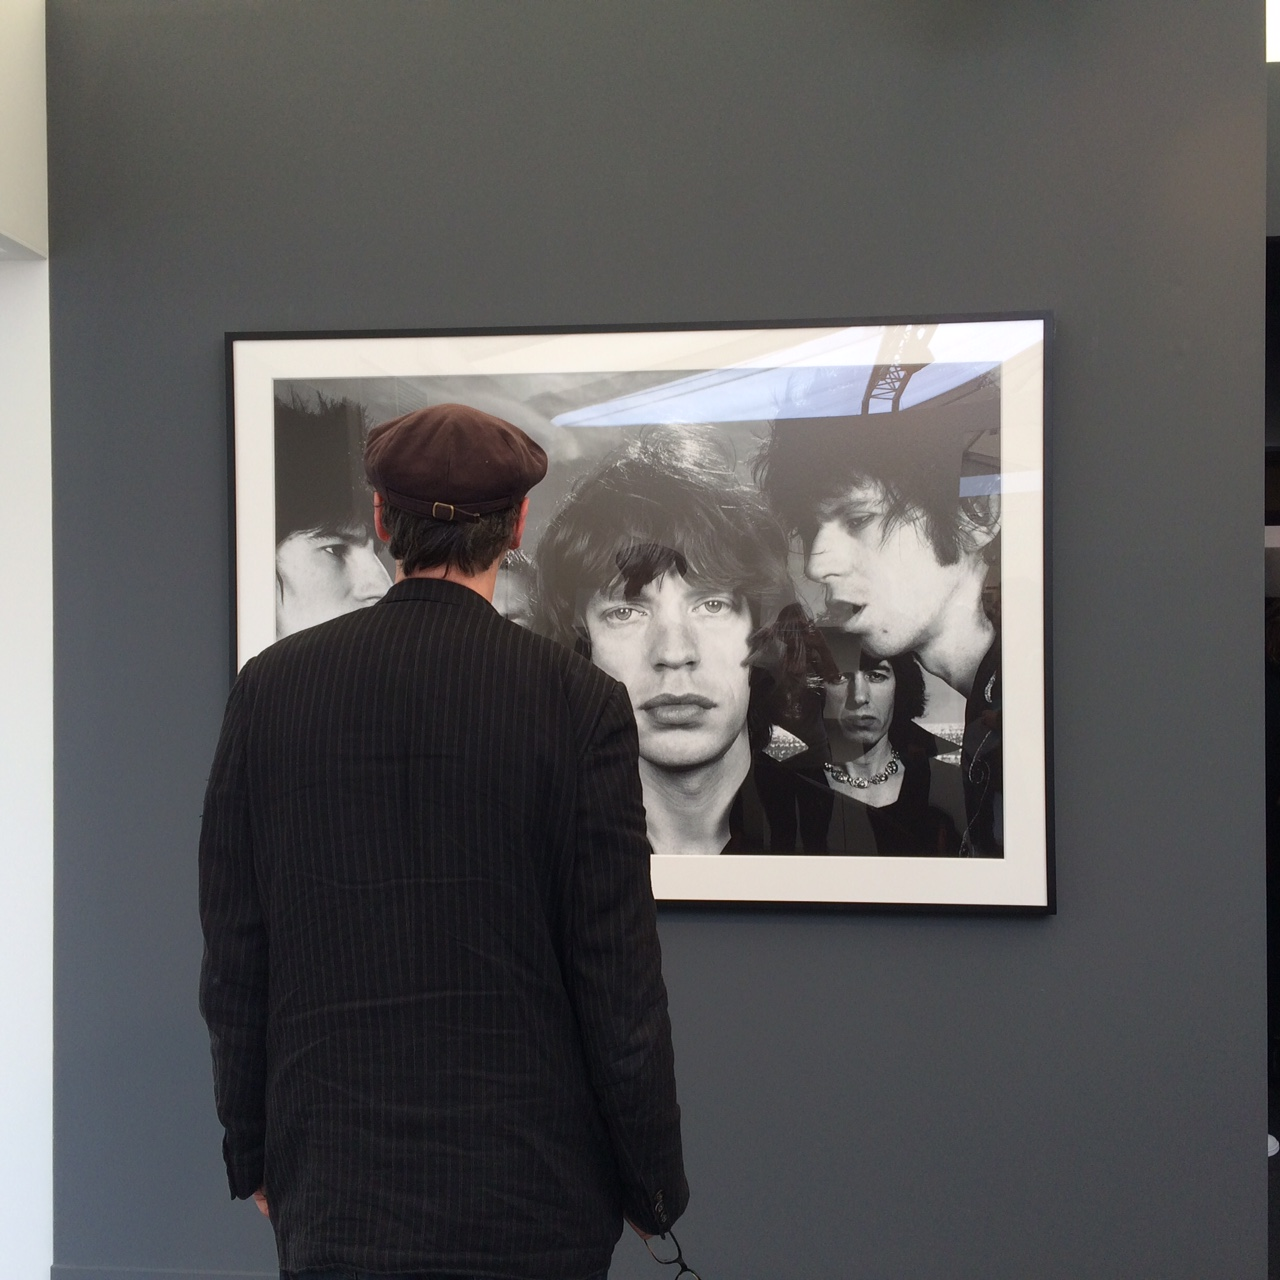 Looking at Mick